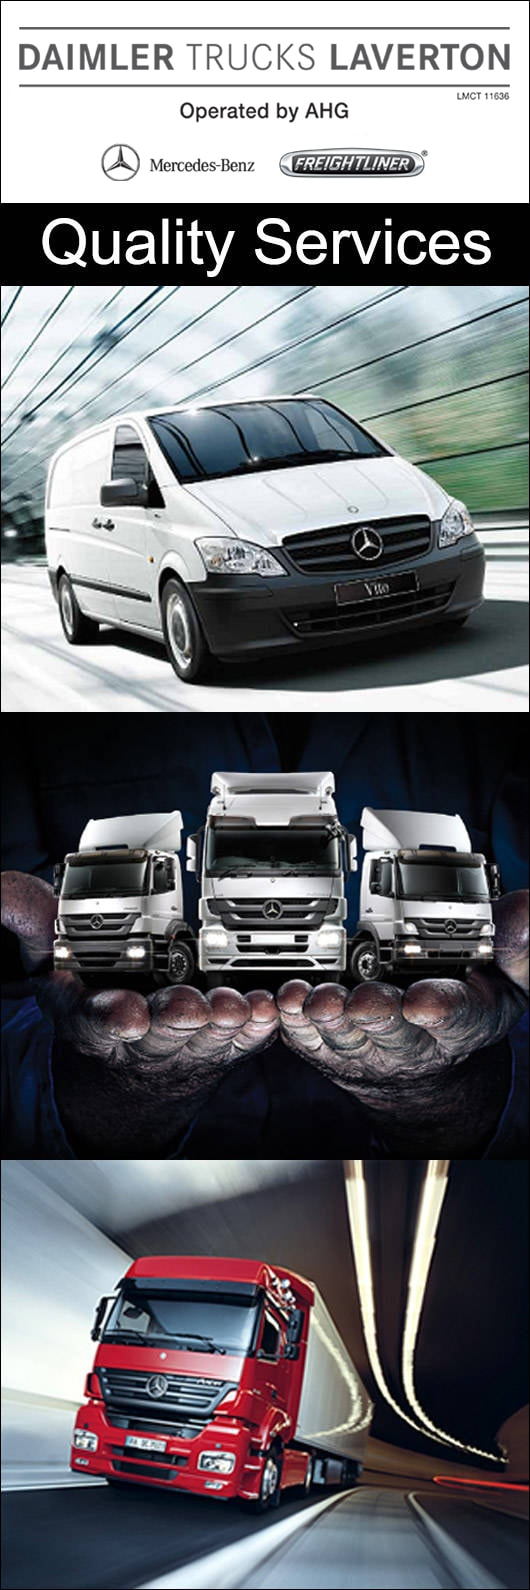 Daimler Trucks Laverton - Truck & Bus Sales - Derrimut